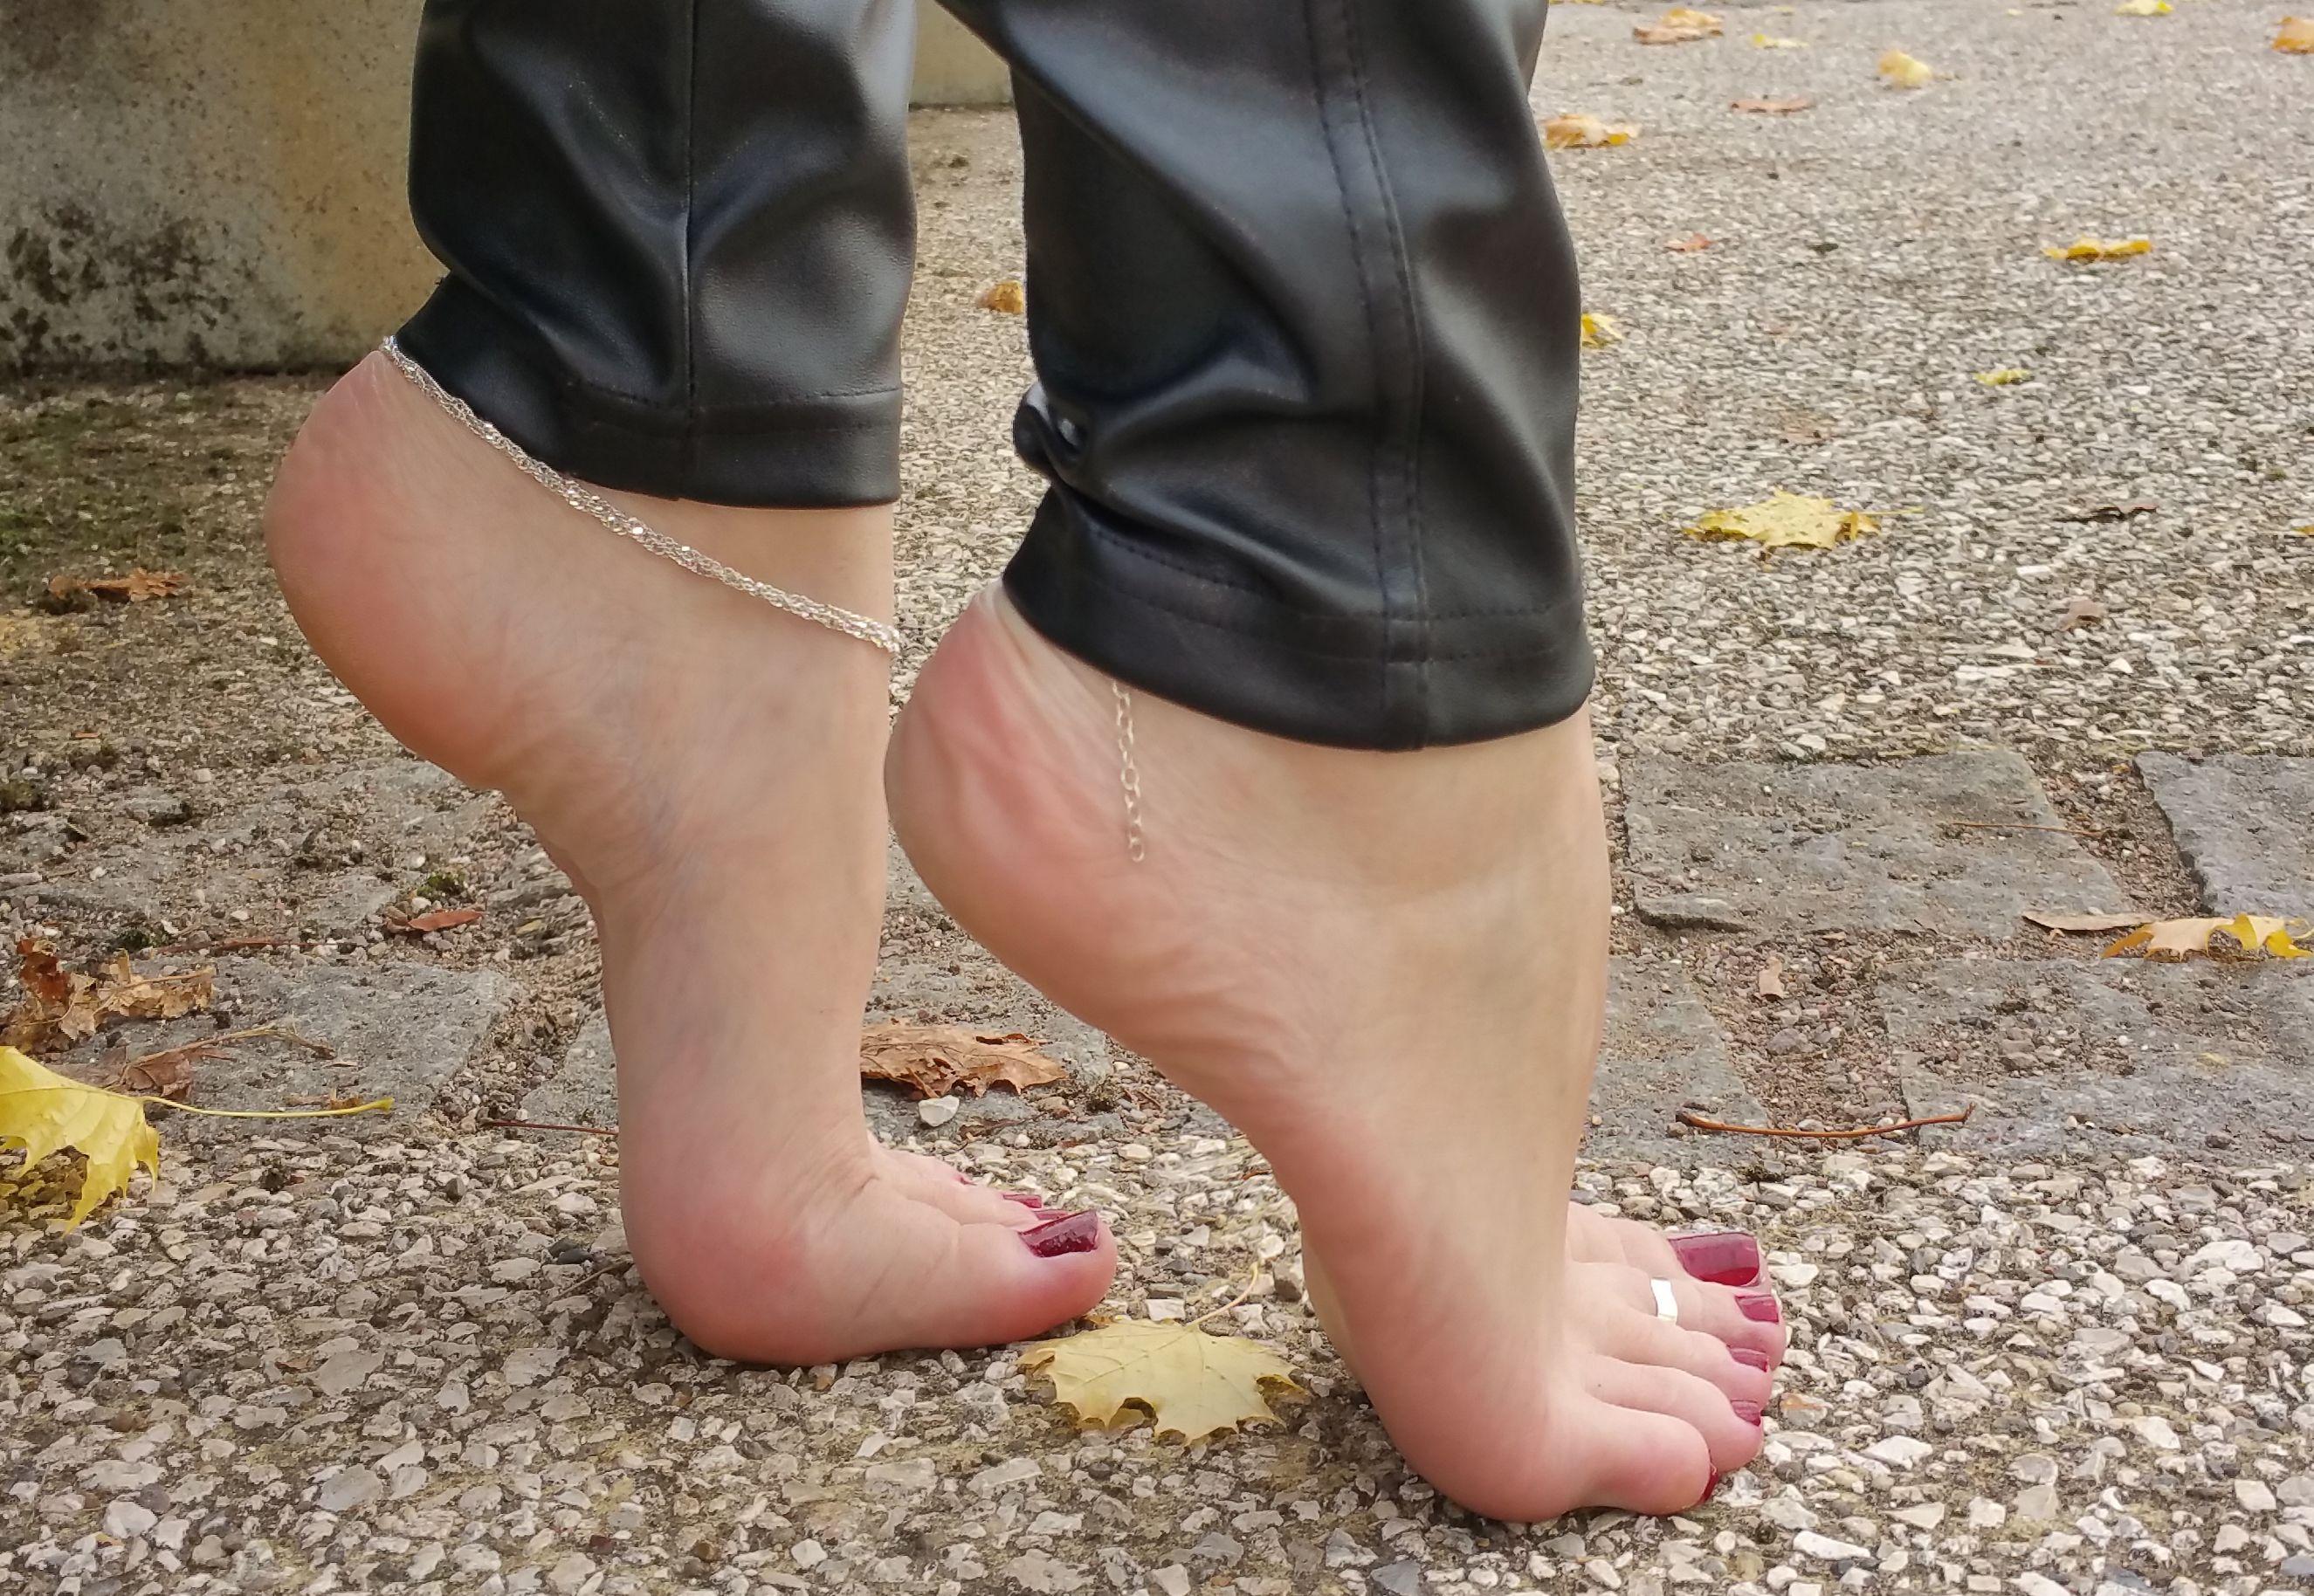 Giovanni Ribisi Naked pin on sexy feet